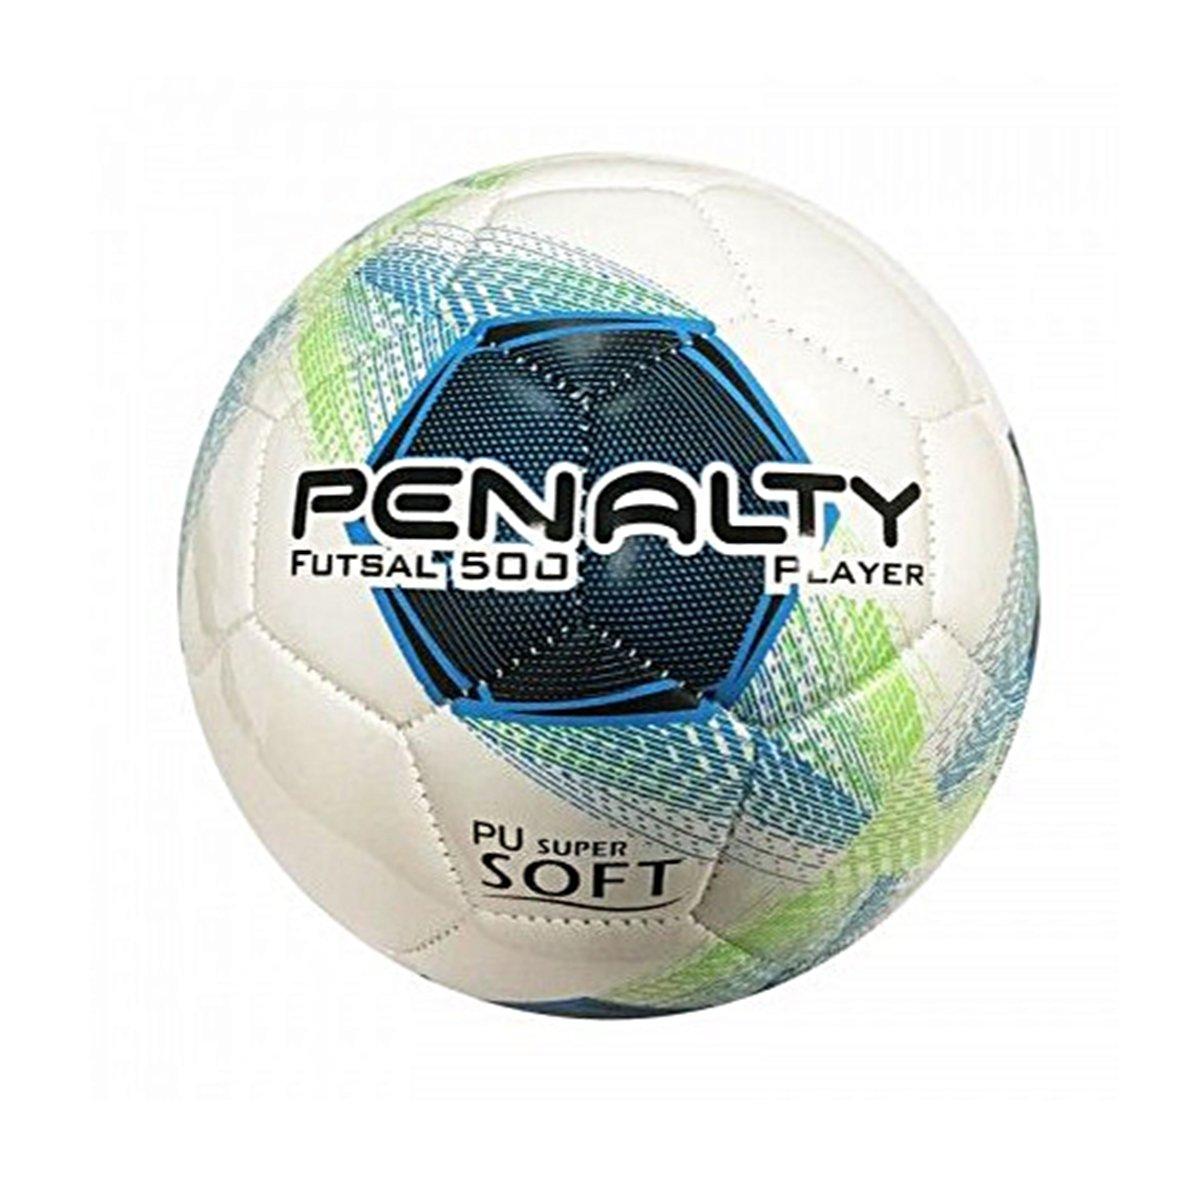 3af375e68 BOLA FUTSAL PENALTY PLAYER 8 - Branco Azul Verde - Compre Agora ...